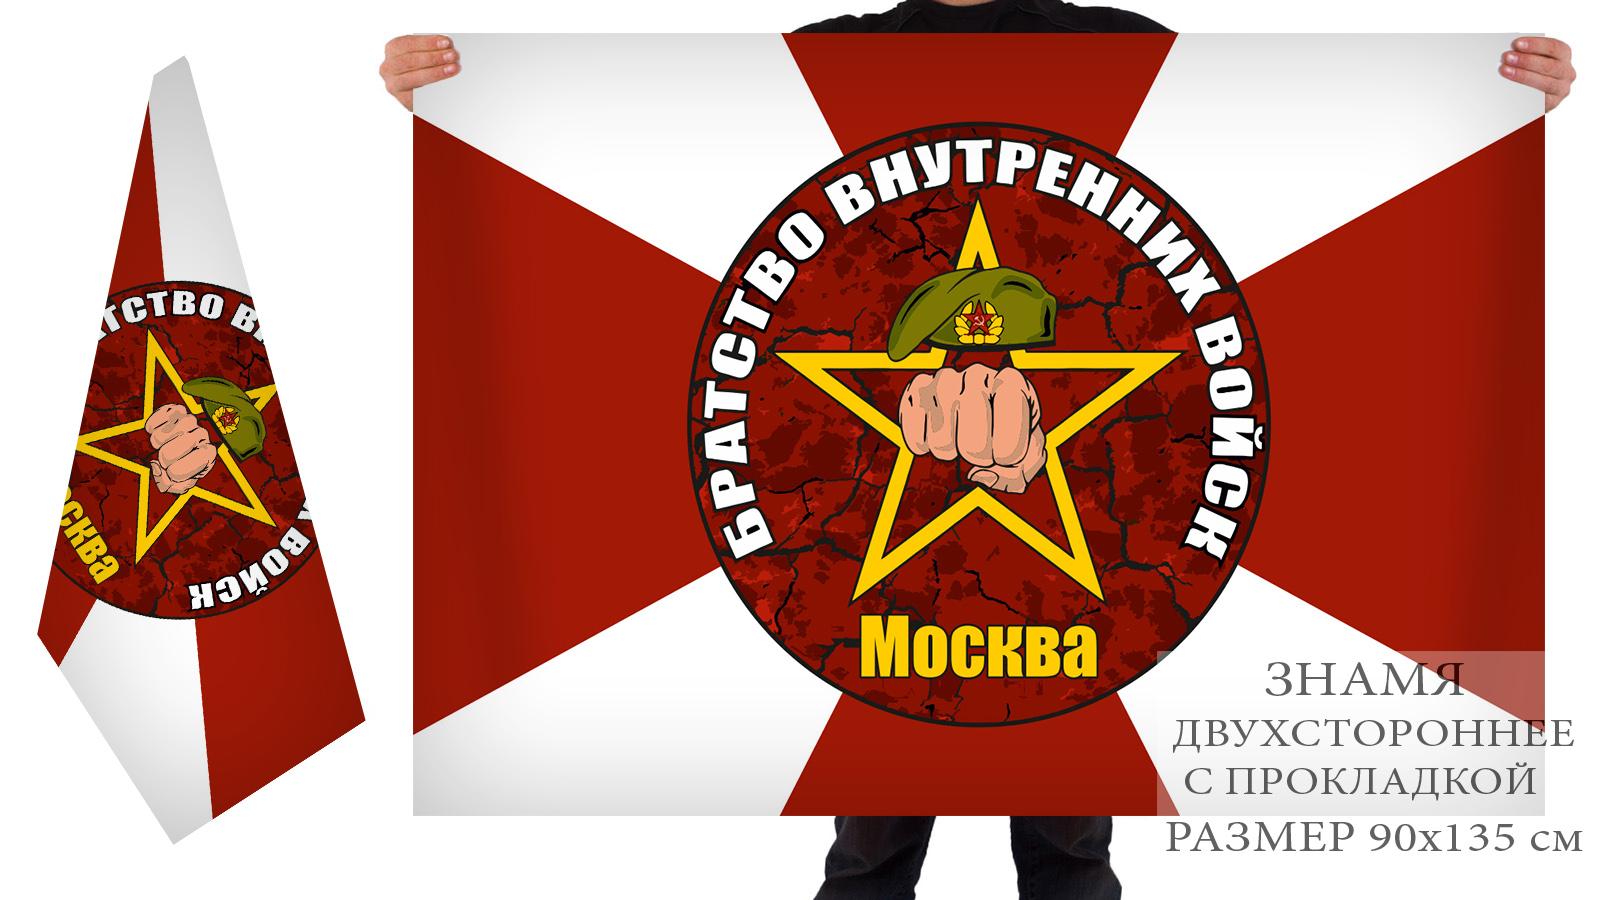 Купить недорого двухсторонний флаг Братство Внутренних Войск, Москва